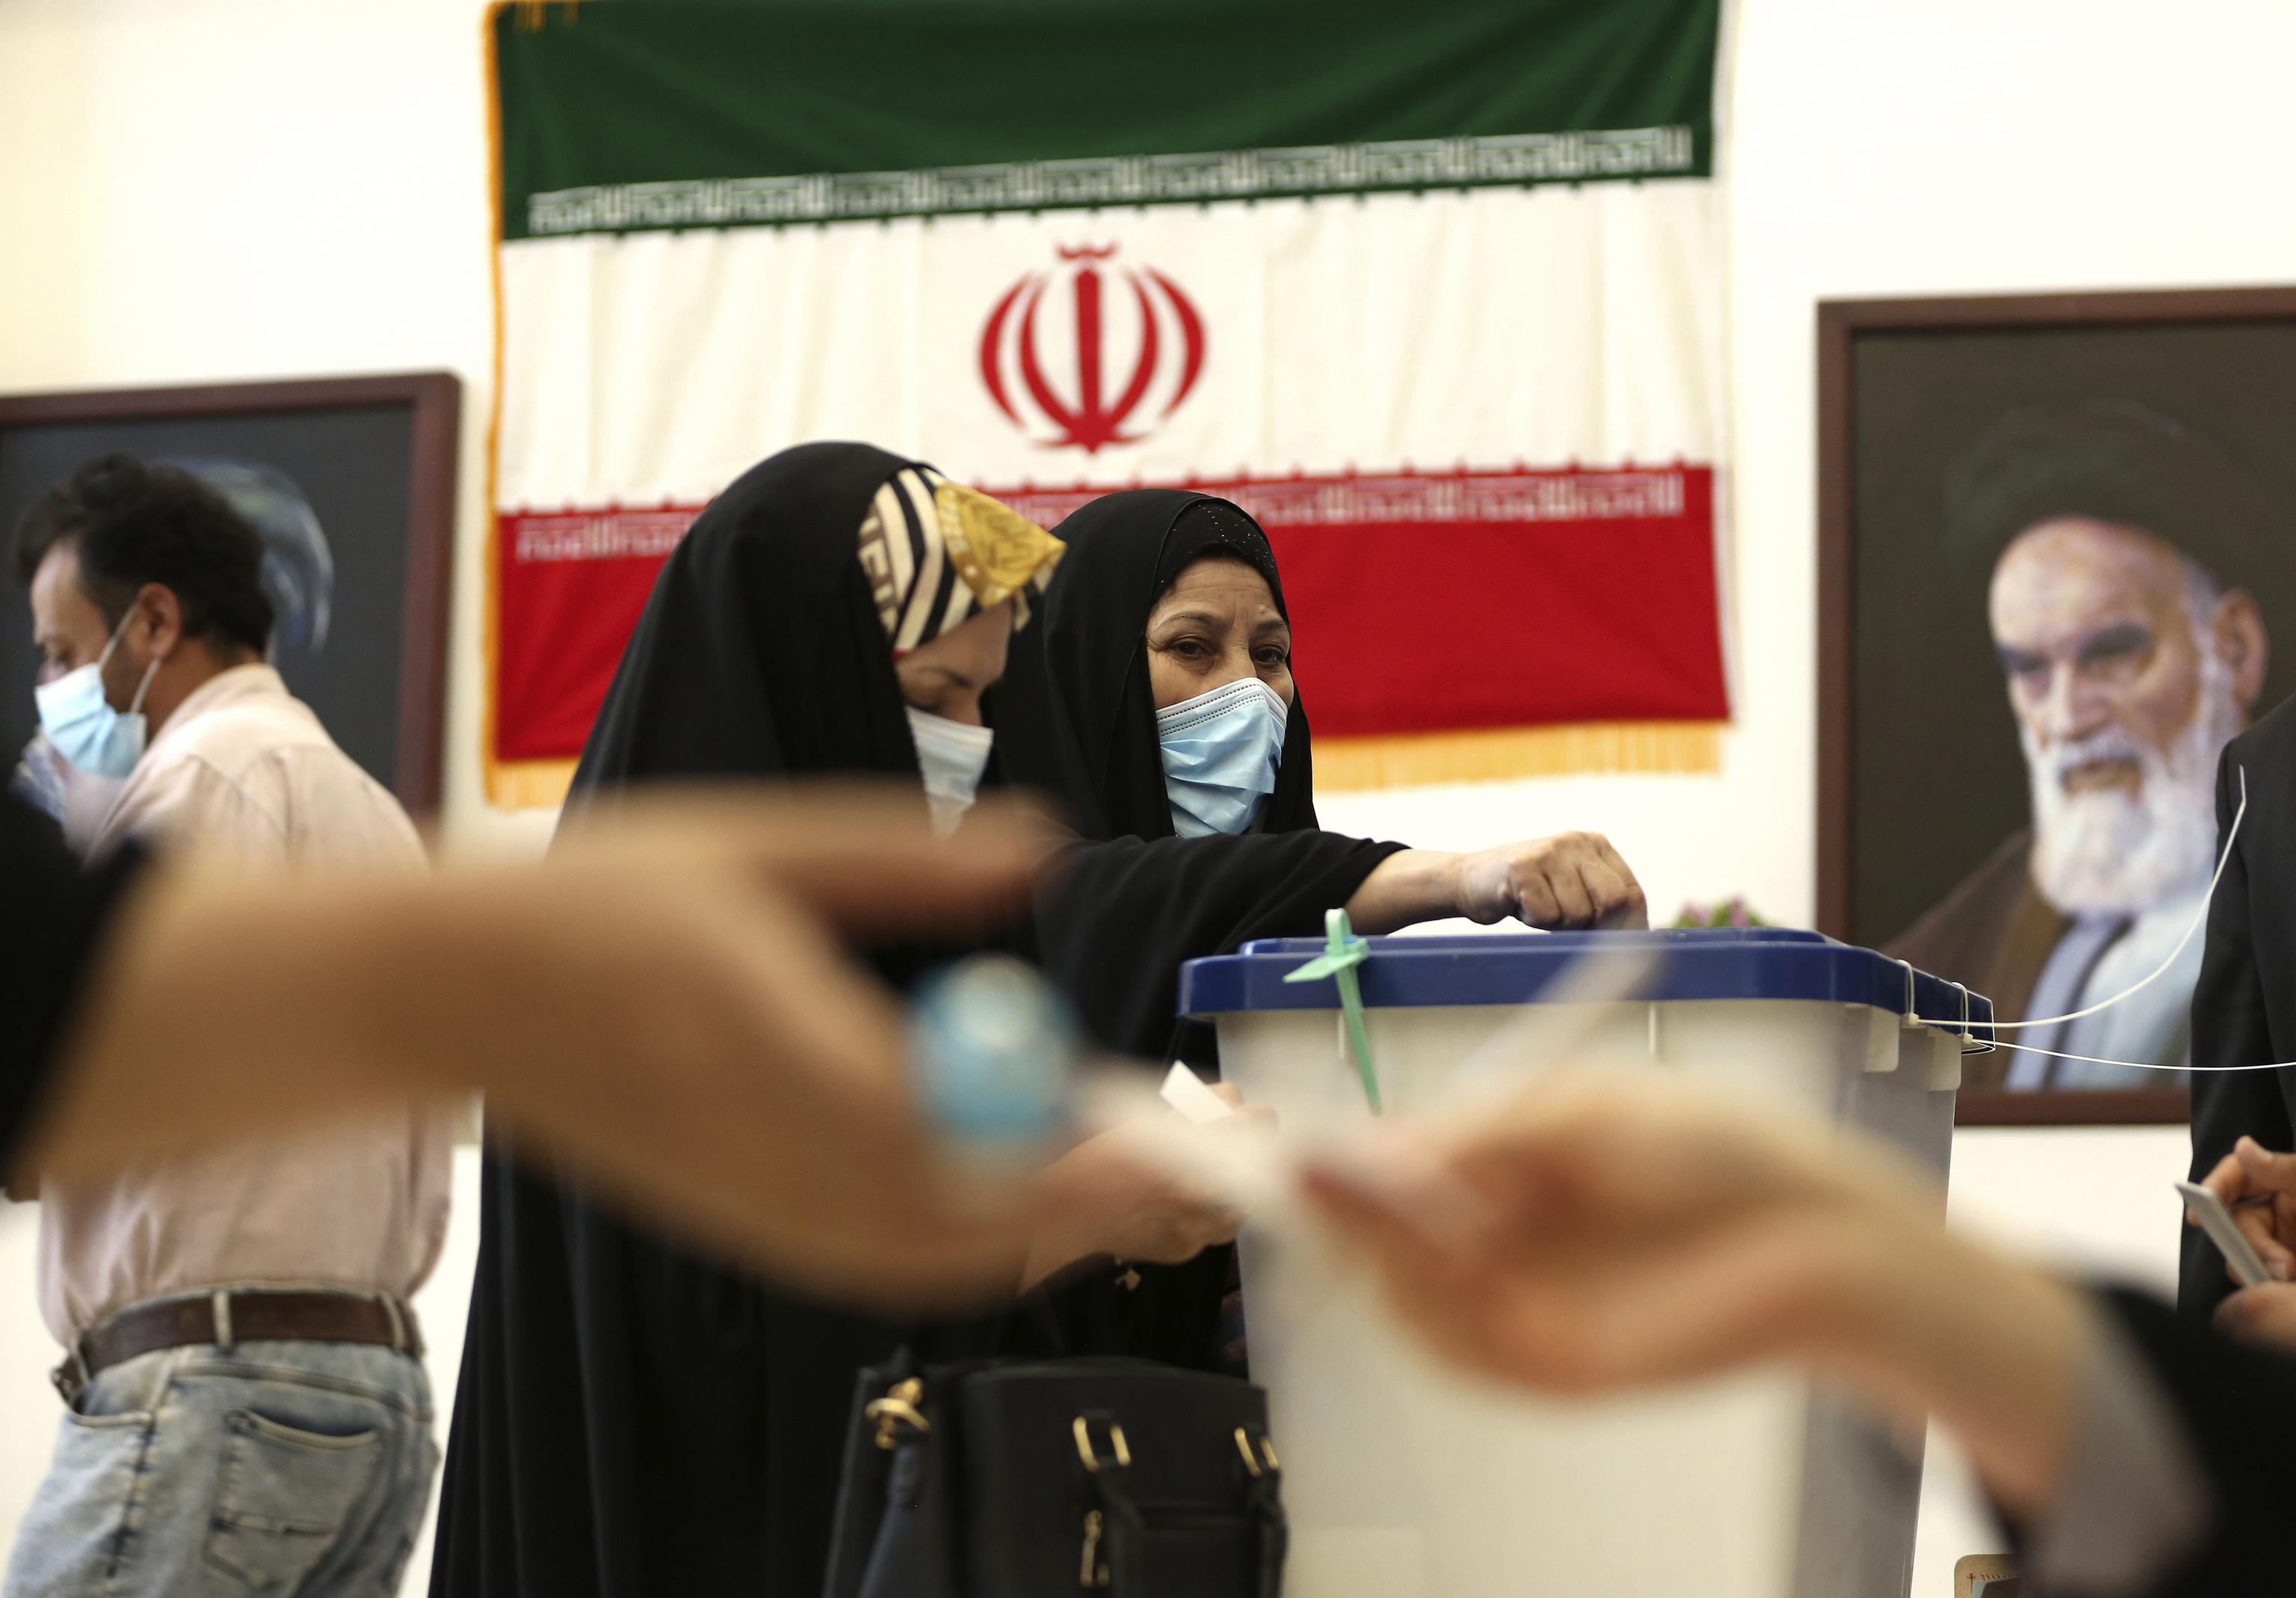 Una mujer iraní emite su voto dentro del consulado de Irán en Karbala, Irak.